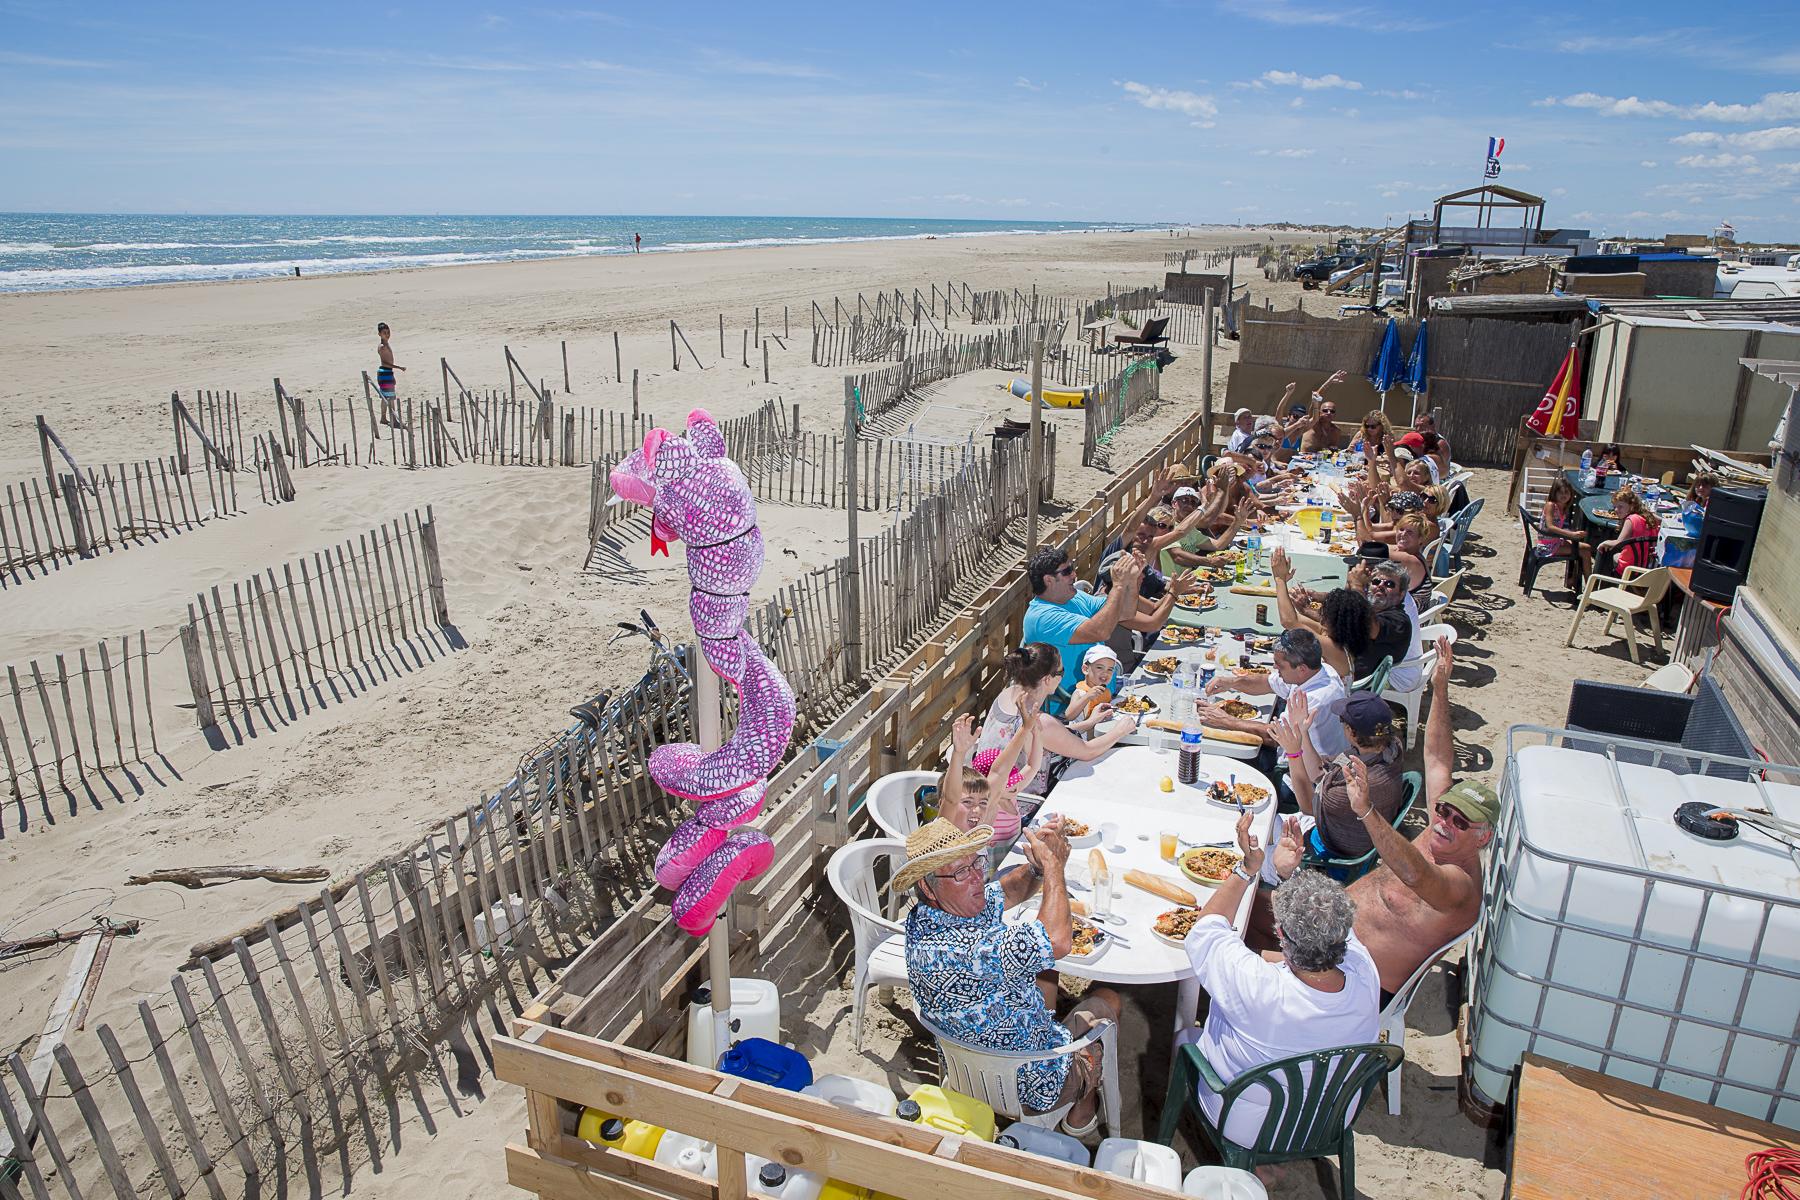 La plage de Piémenson à l\'embouchure du Rhône est la dernière plage en Europe ou le camping sauvage est toléré. Les deux grandes communautées présentent sont les naturistes, très soucieux de l\'environnement et passés maîtres dans l\'art de la construction de cabanons en bois flotés et les \{quote}textils\{quote} vivant plutôt dans des caravannes, ils sont des bons vivants...Paella sur la plage organisée par Marie et son mari Léo